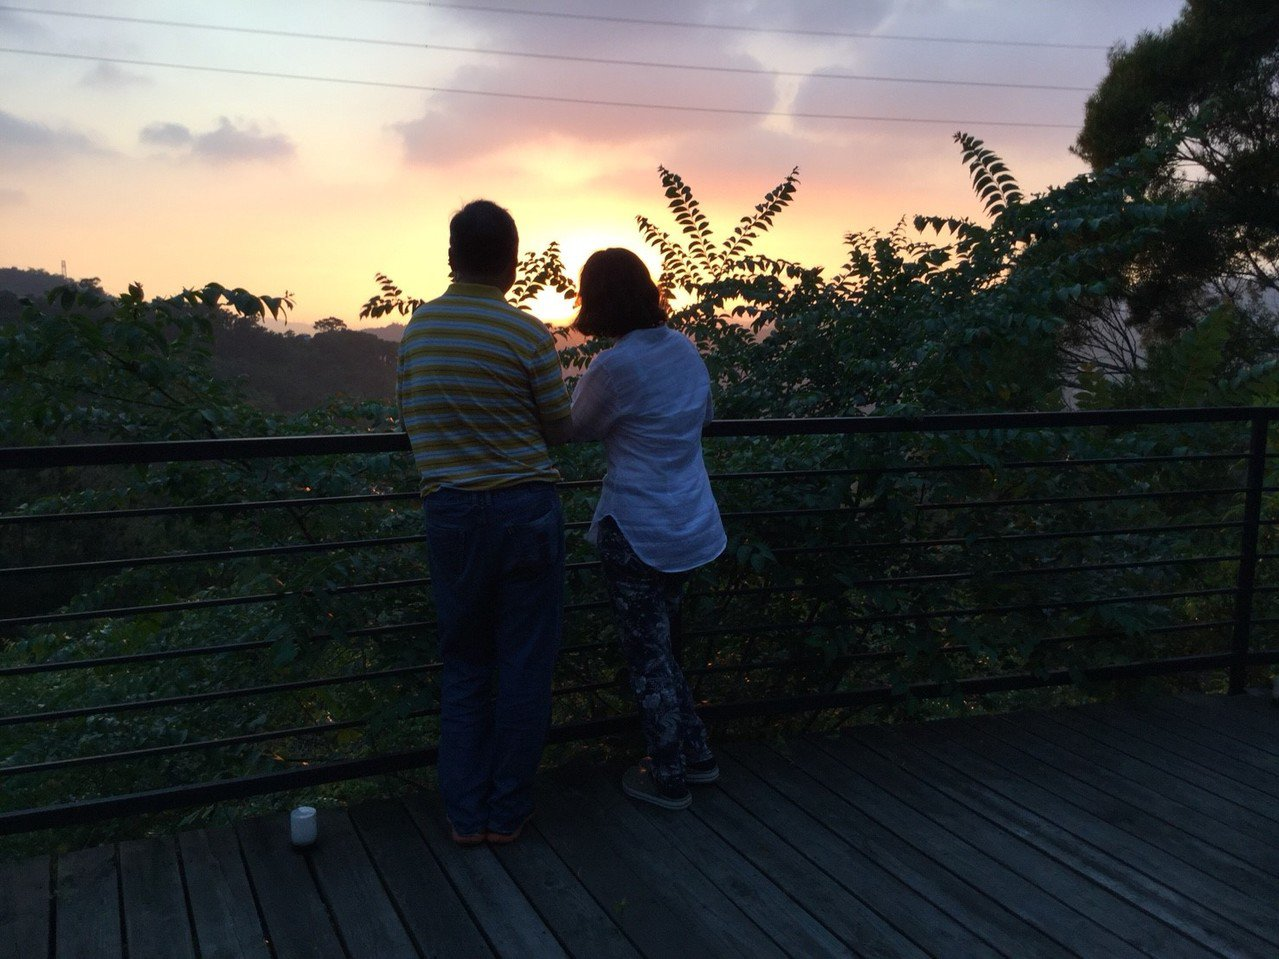 莊園外的大片觀景平台,最適合欣賞落日美景。有行旅提供